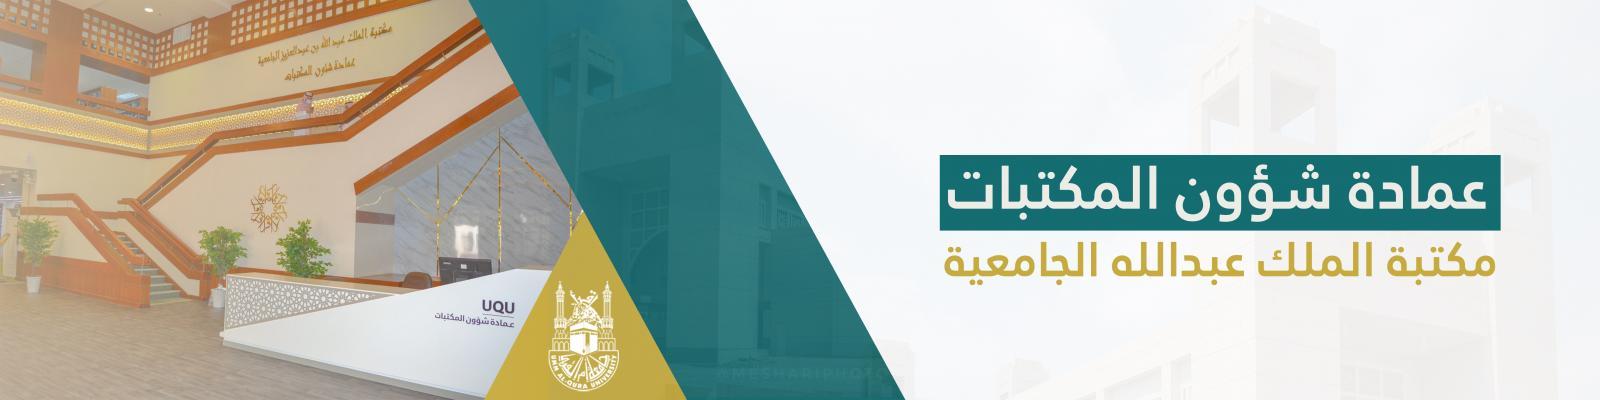 King Abdullah Library